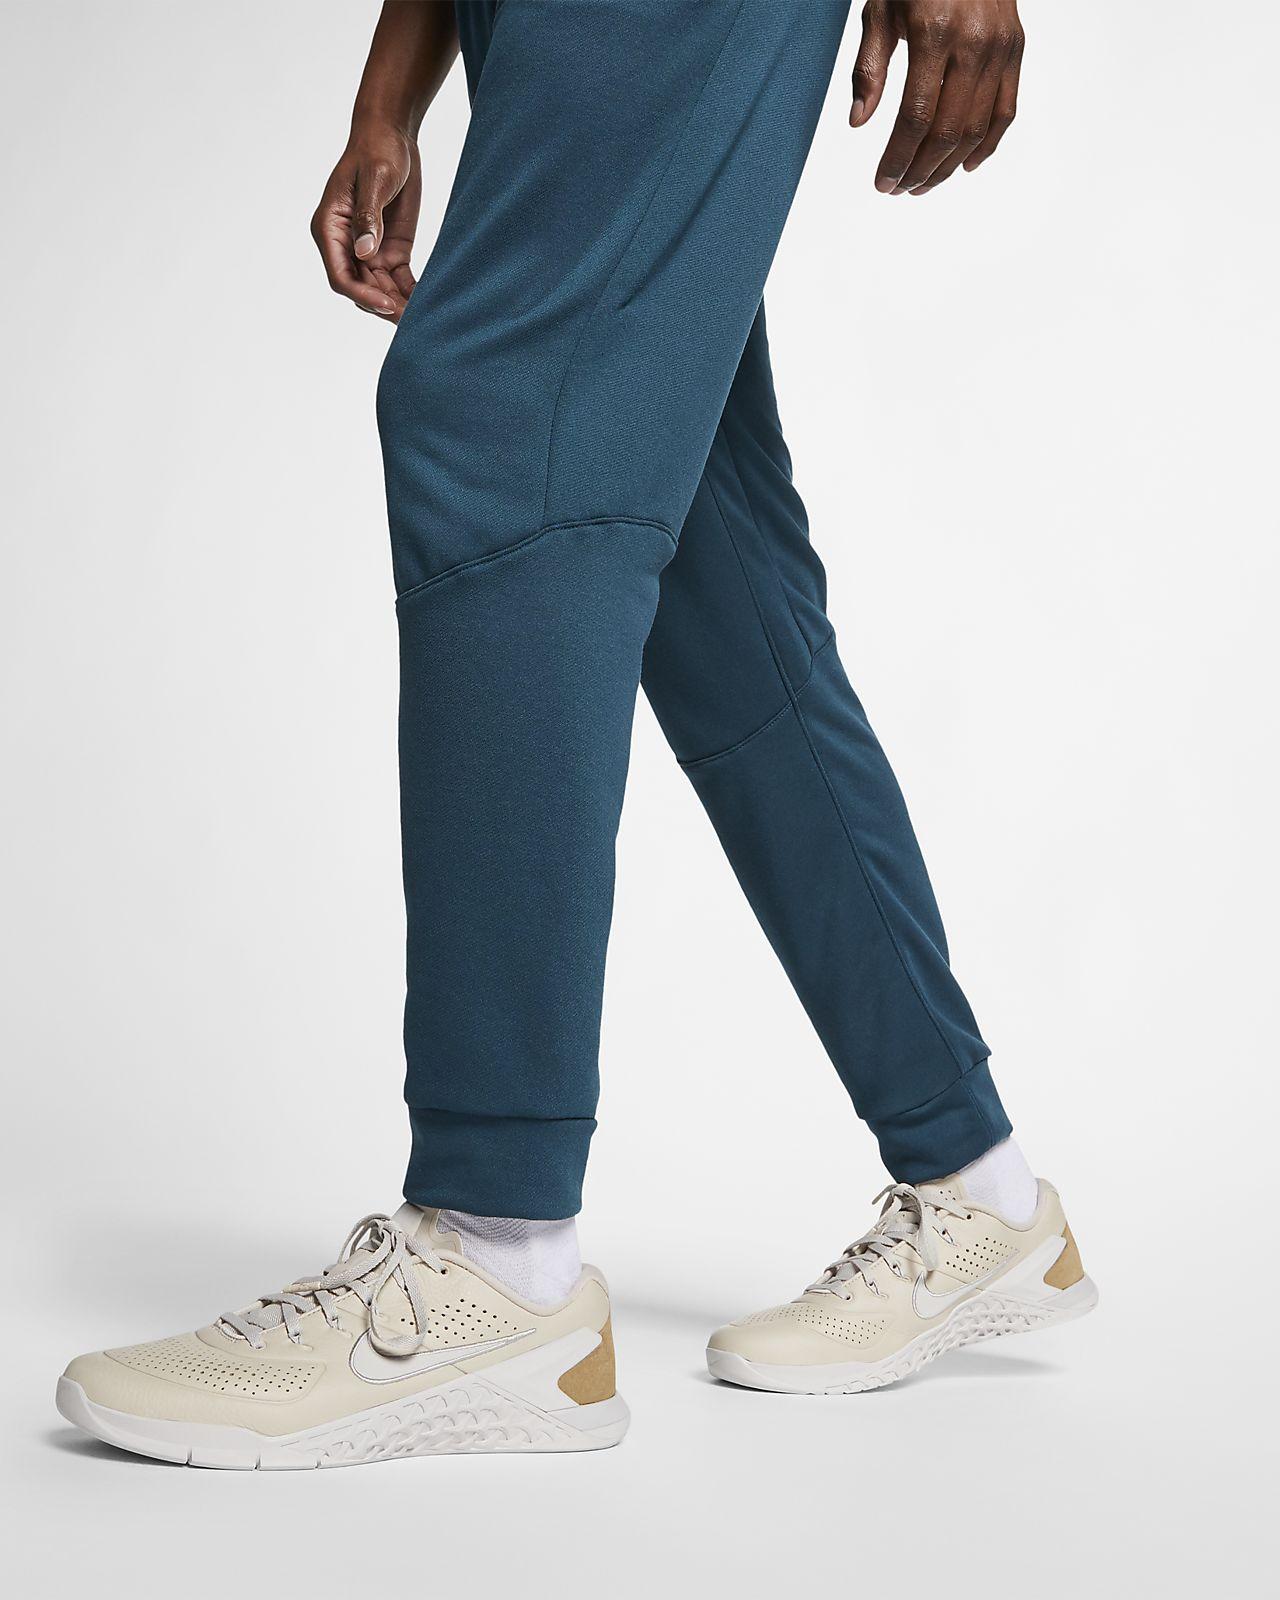 Träningsbyxor Nike Dri-FIT Tapered i fleece för män